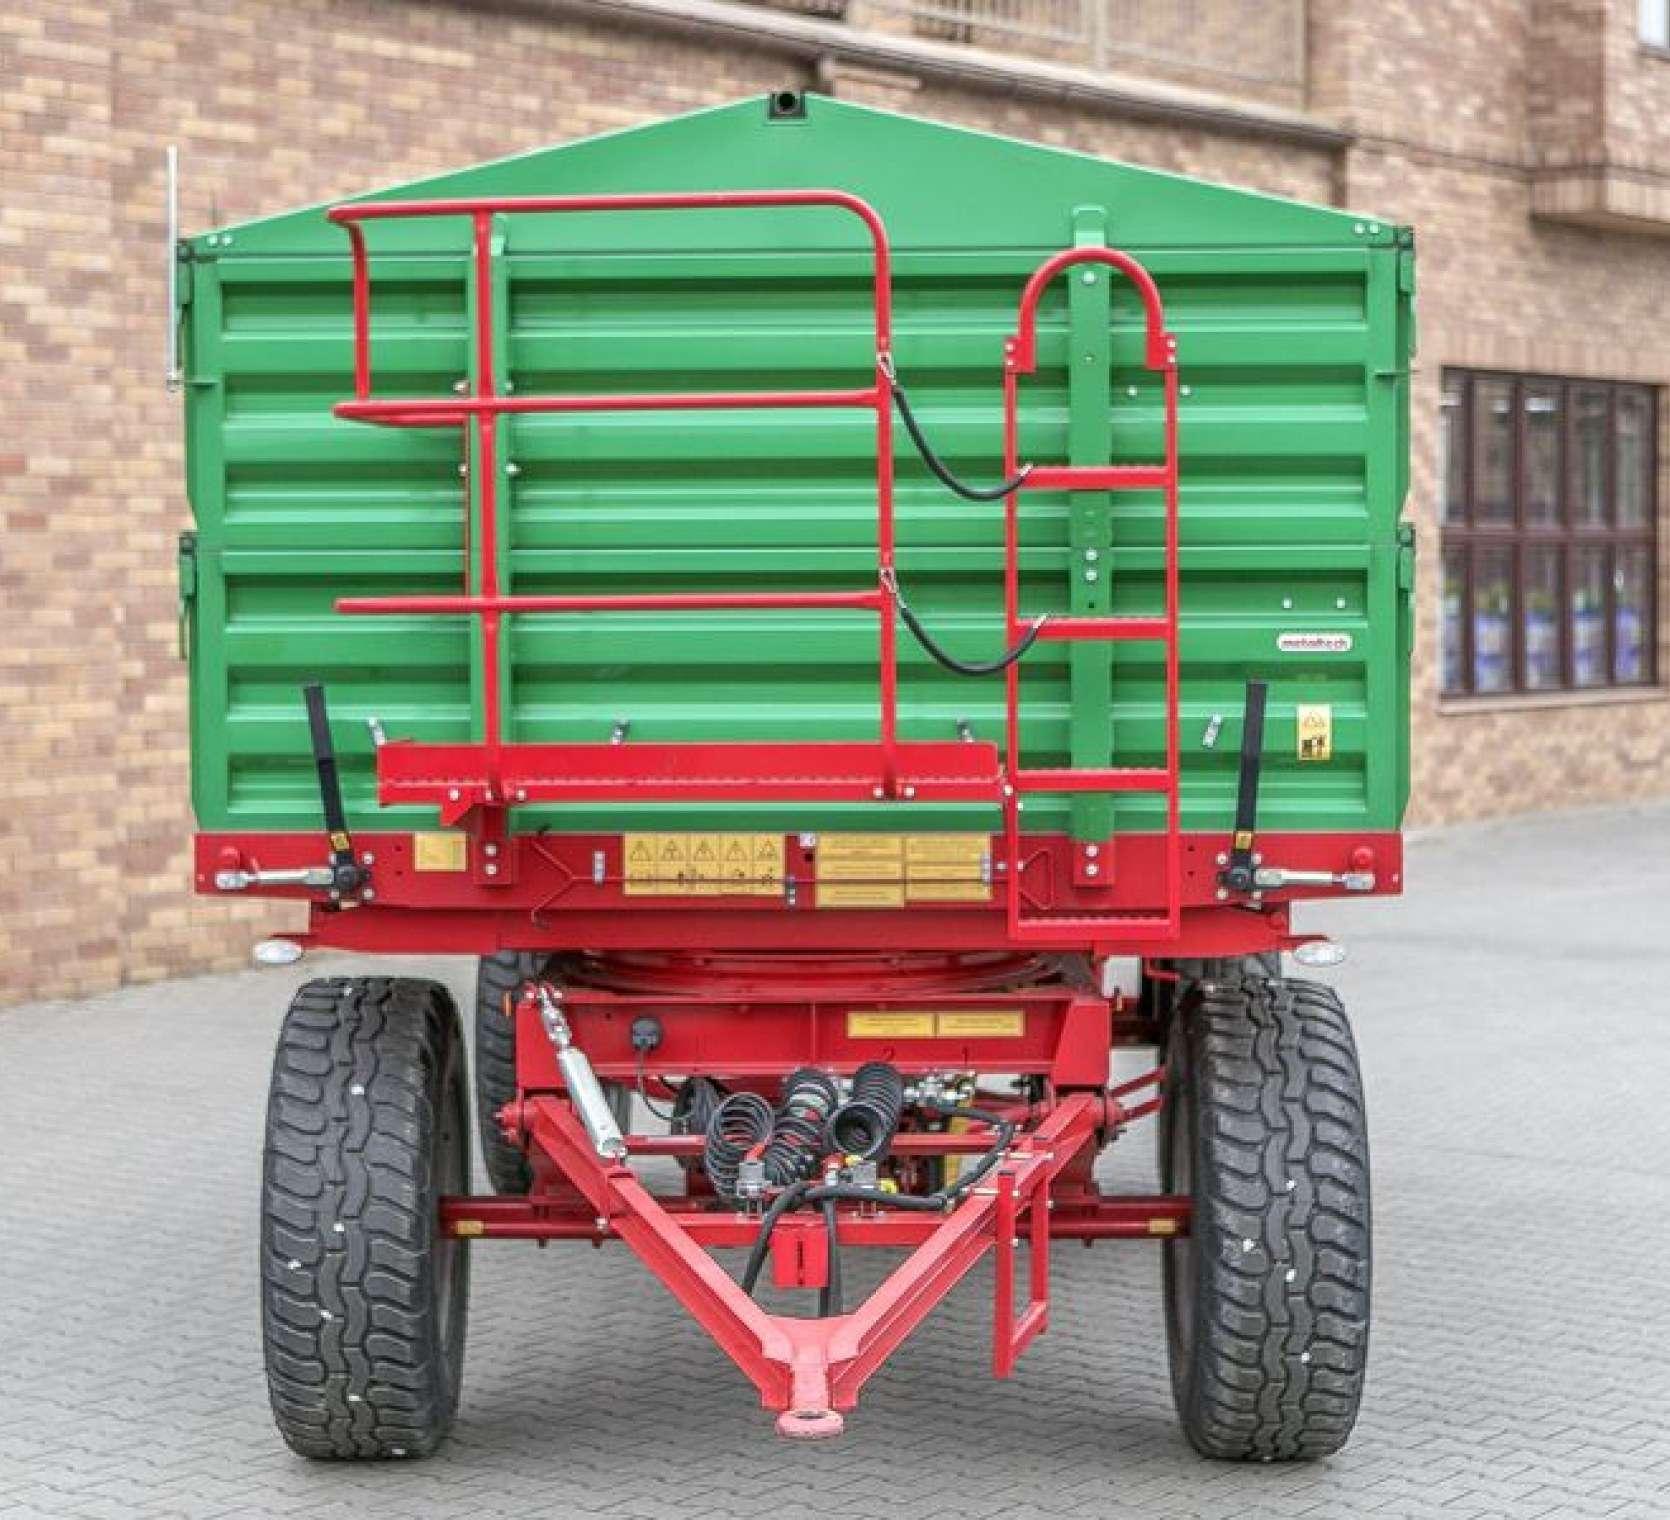 Przyczepa Metaltech DB 10000, skrzynia ładunkowa zielona, rama w kolorze czerwonym, pomost roboczy premium, dyszel zaczepowy. www.korbanek.pl